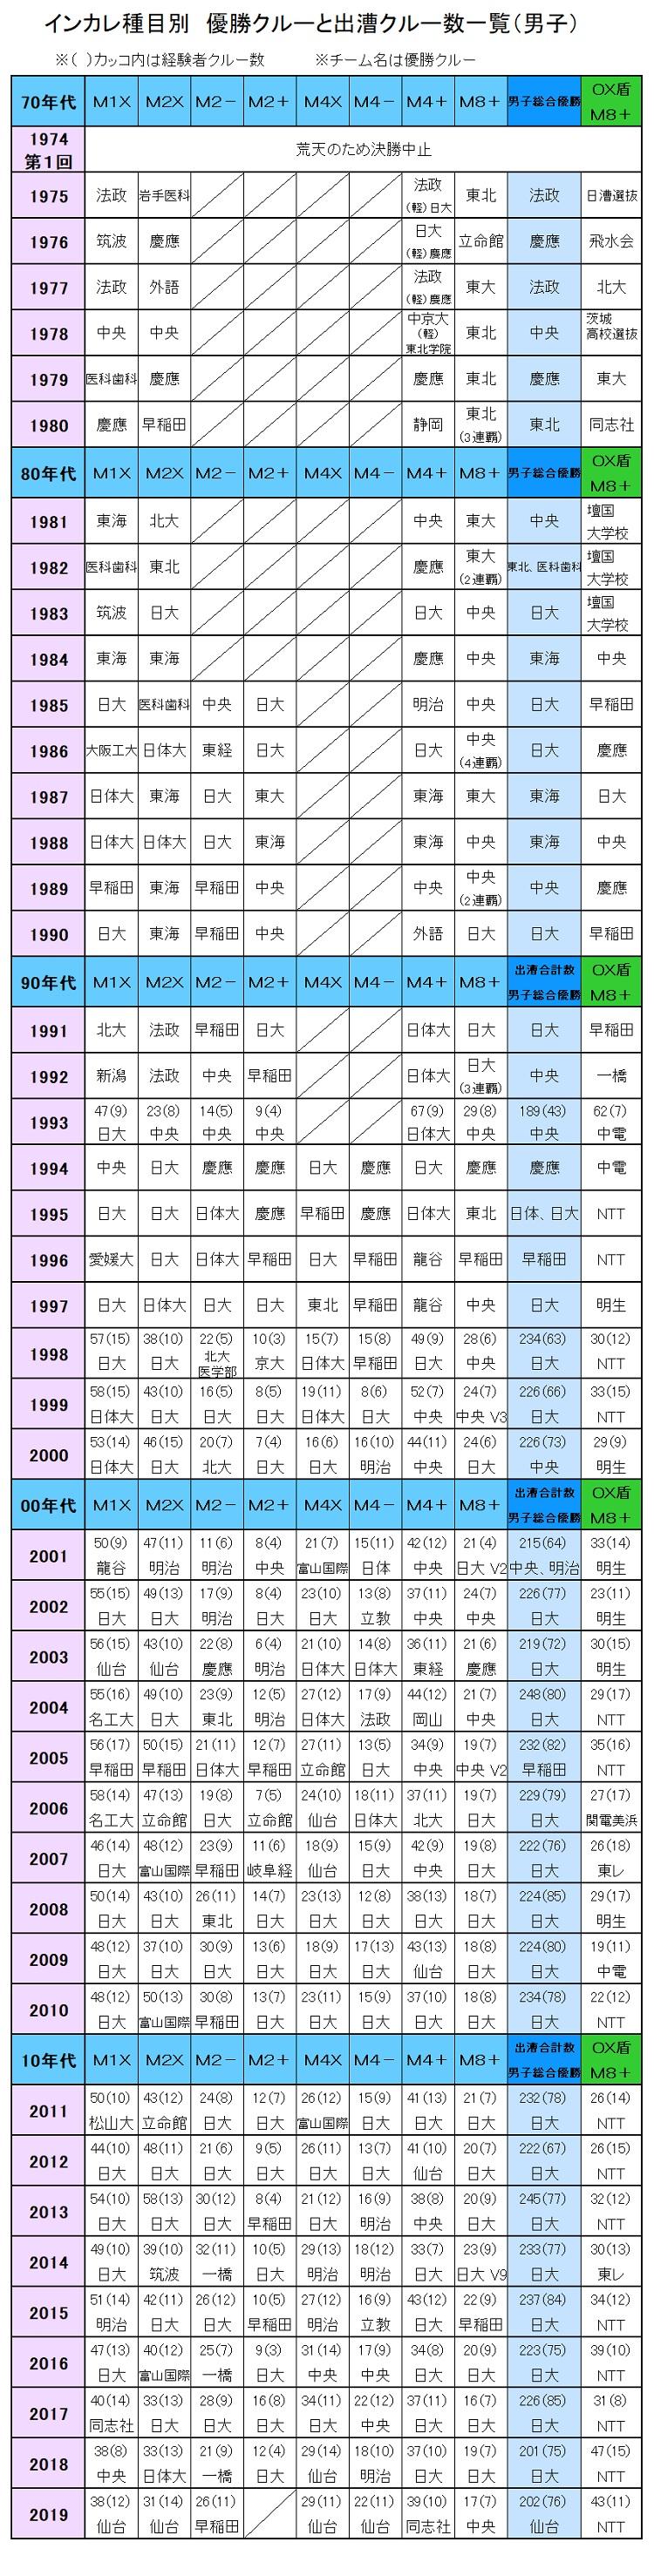 2019インカレ男子統計